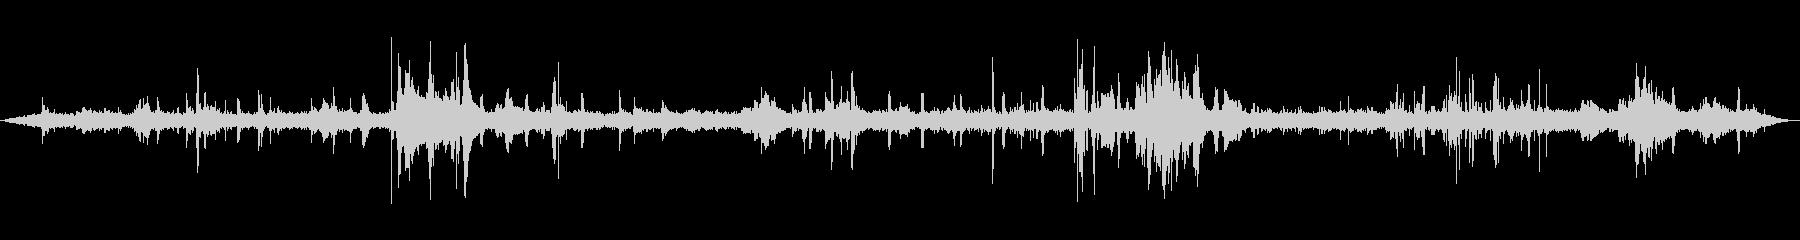 地下鉄のプラットフォーム-Hum ...の未再生の波形